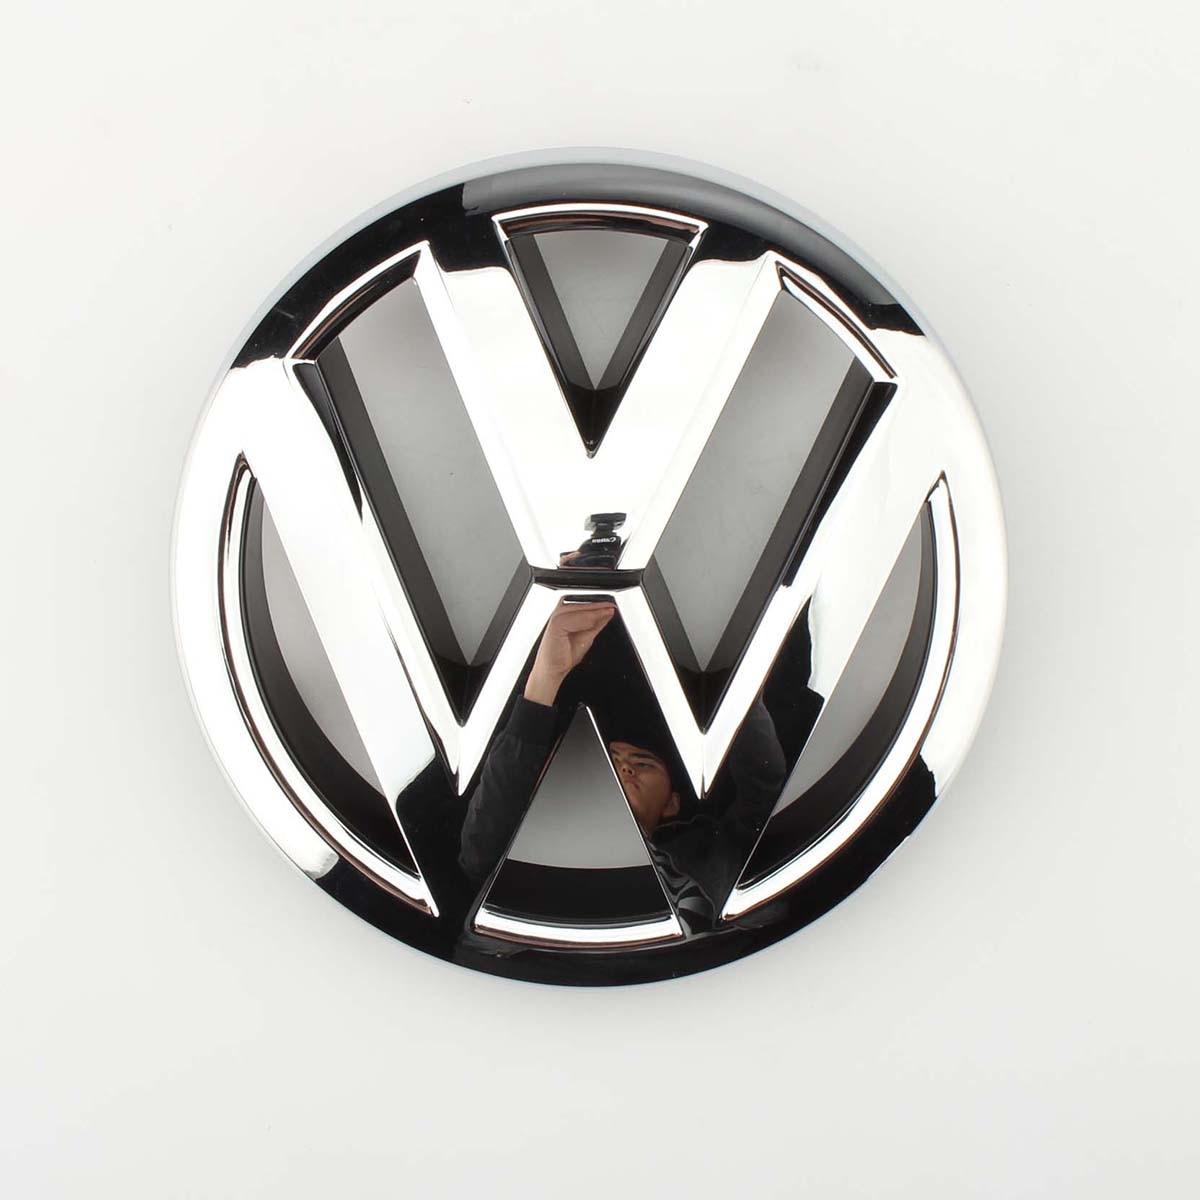 vw emblem chrome oem front grille badge jetta mk6 sedan. Black Bedroom Furniture Sets. Home Design Ideas